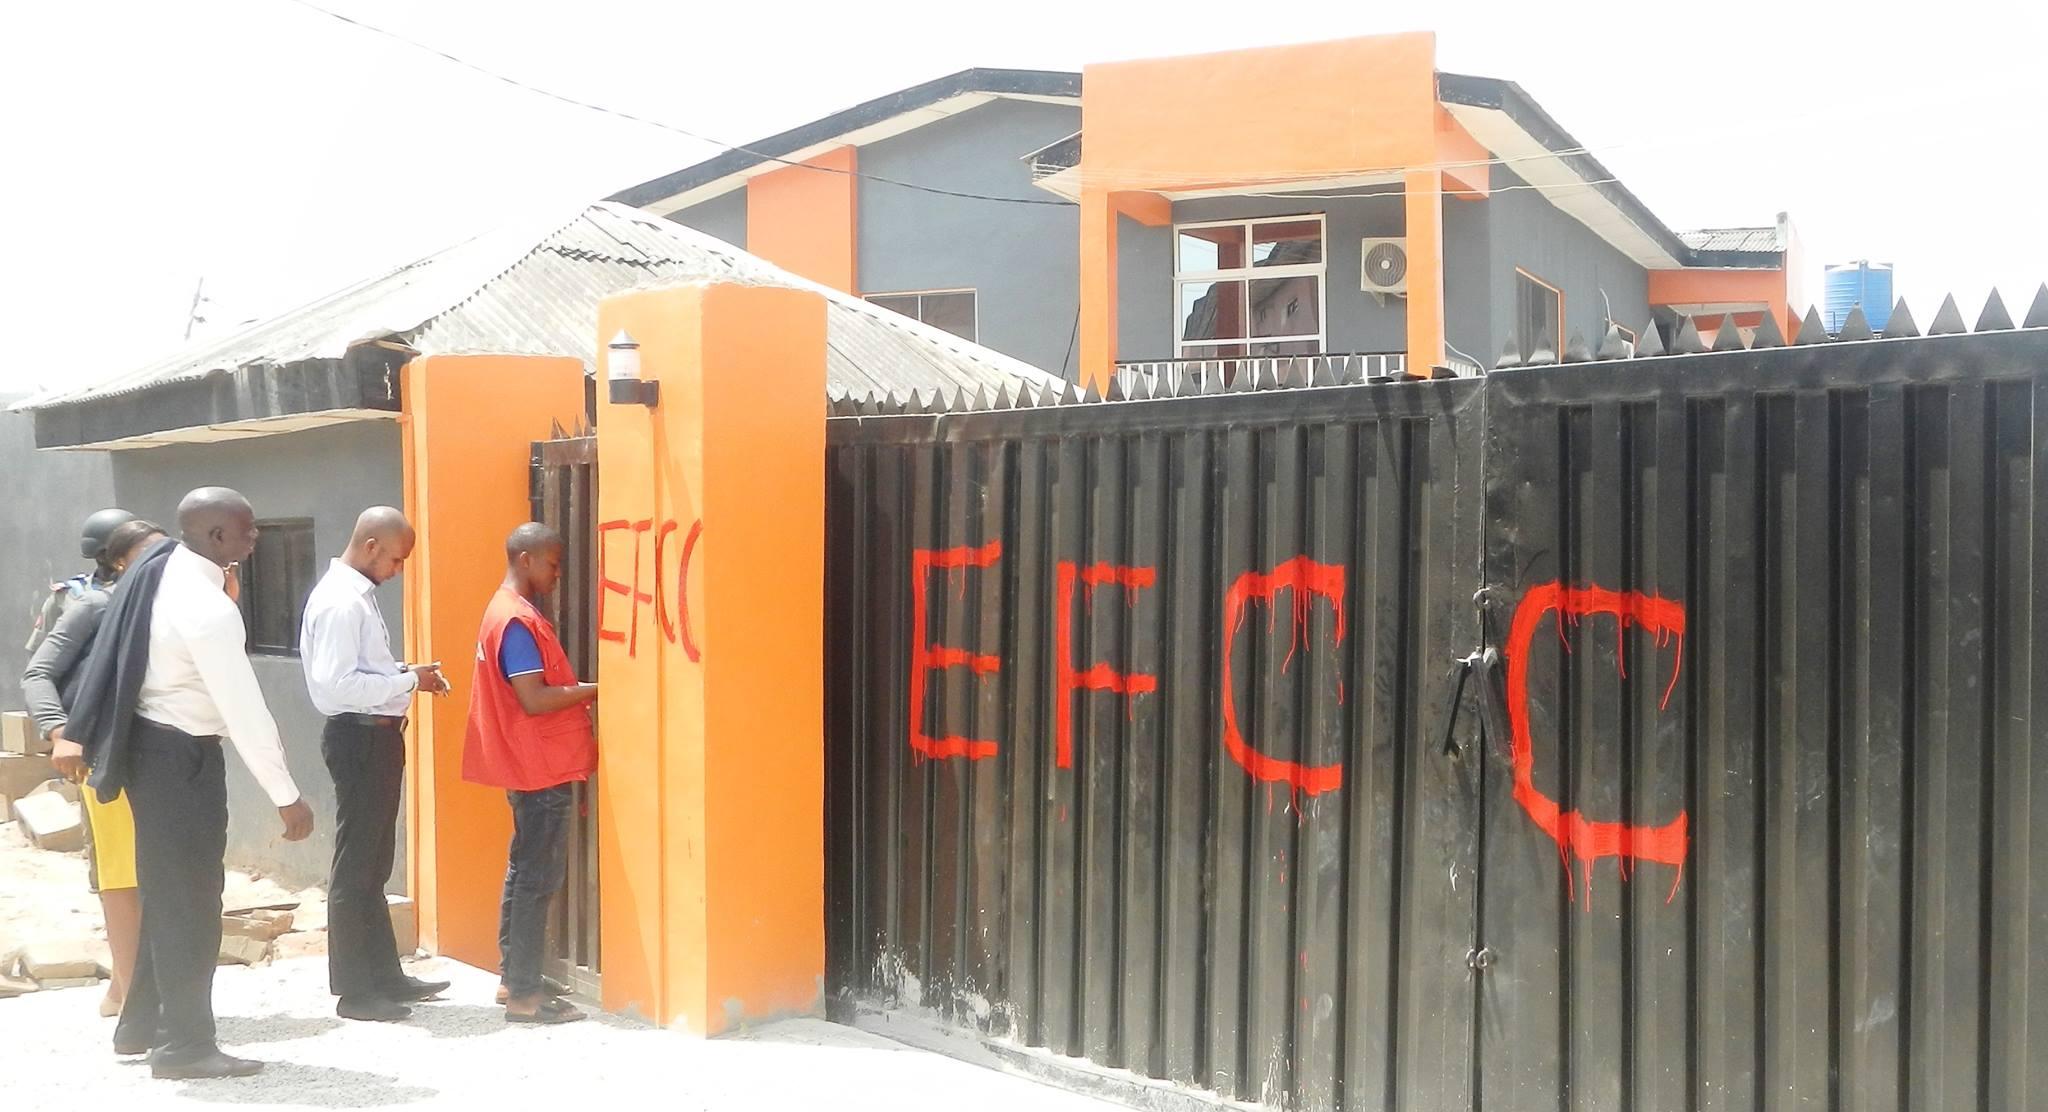 EFCC Sweeps On Suspected Ponzi Scheme Operators